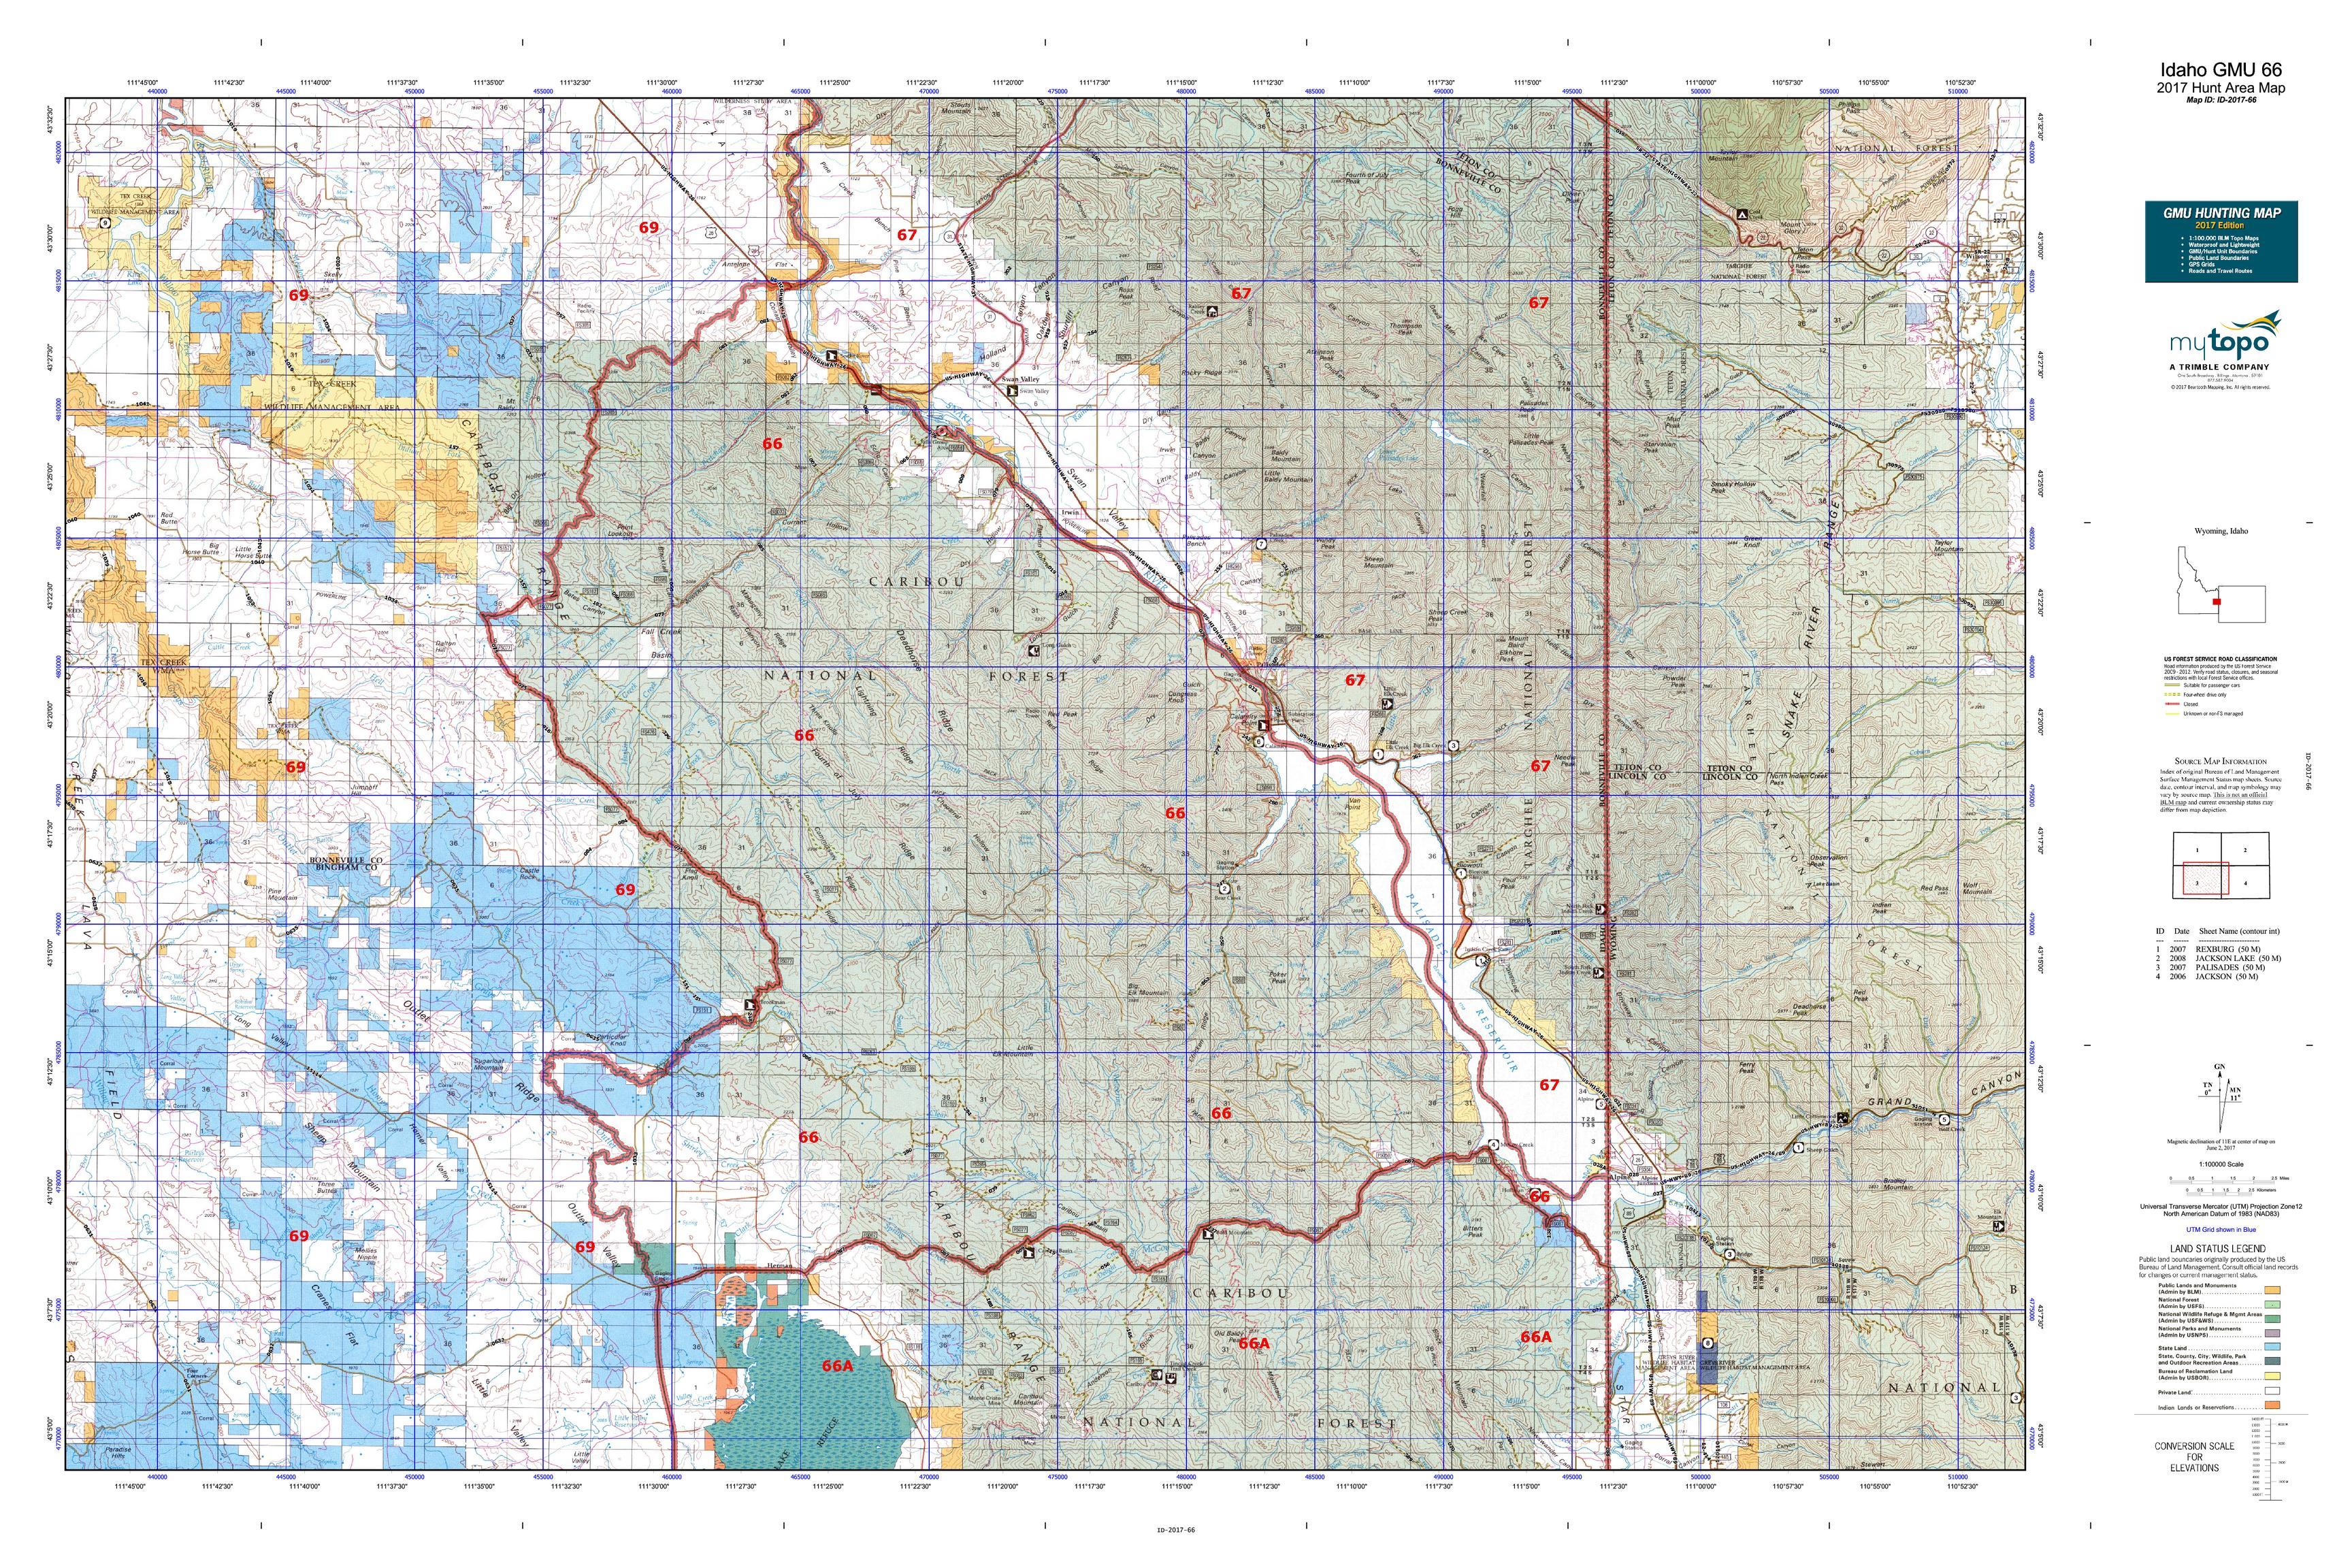 Idaho GMU Map MyTopo - Us 66 map